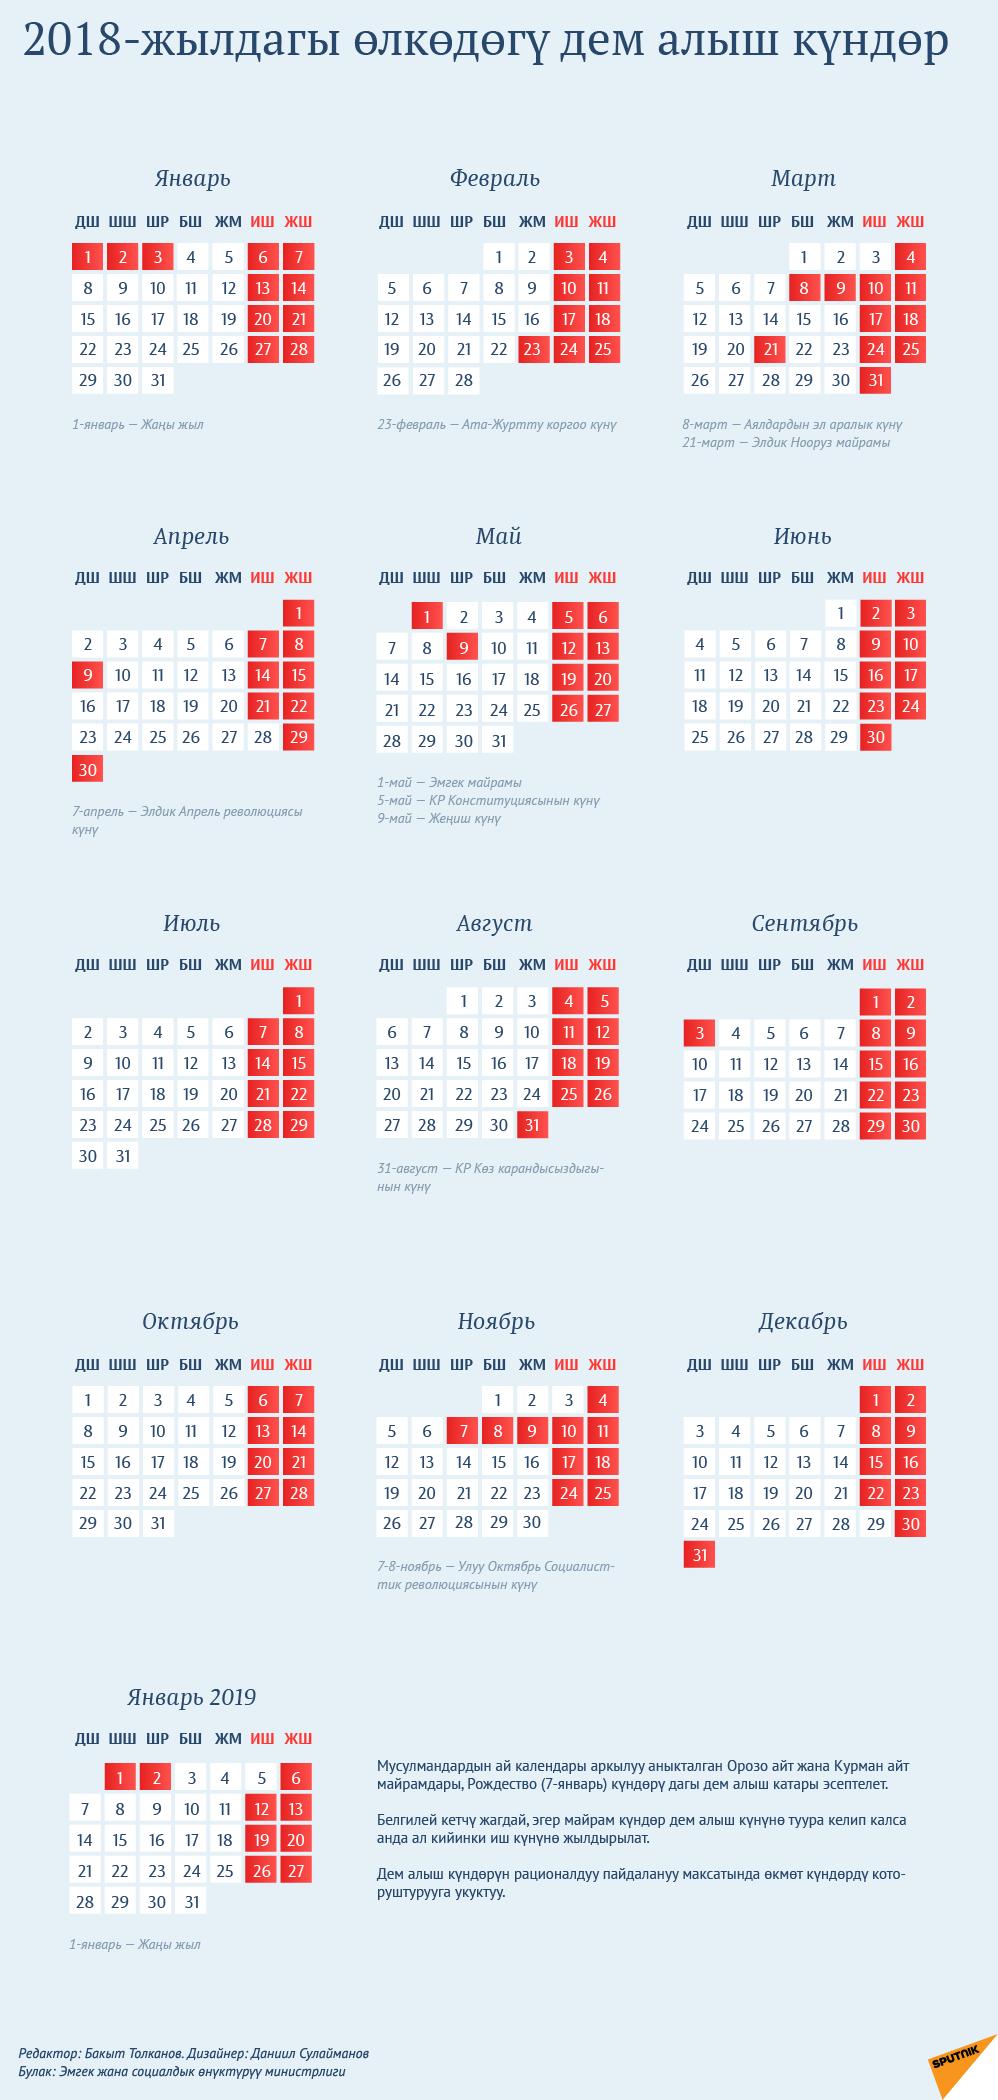 2018-жылдагы өлкөдөгү дем алыш күндөр